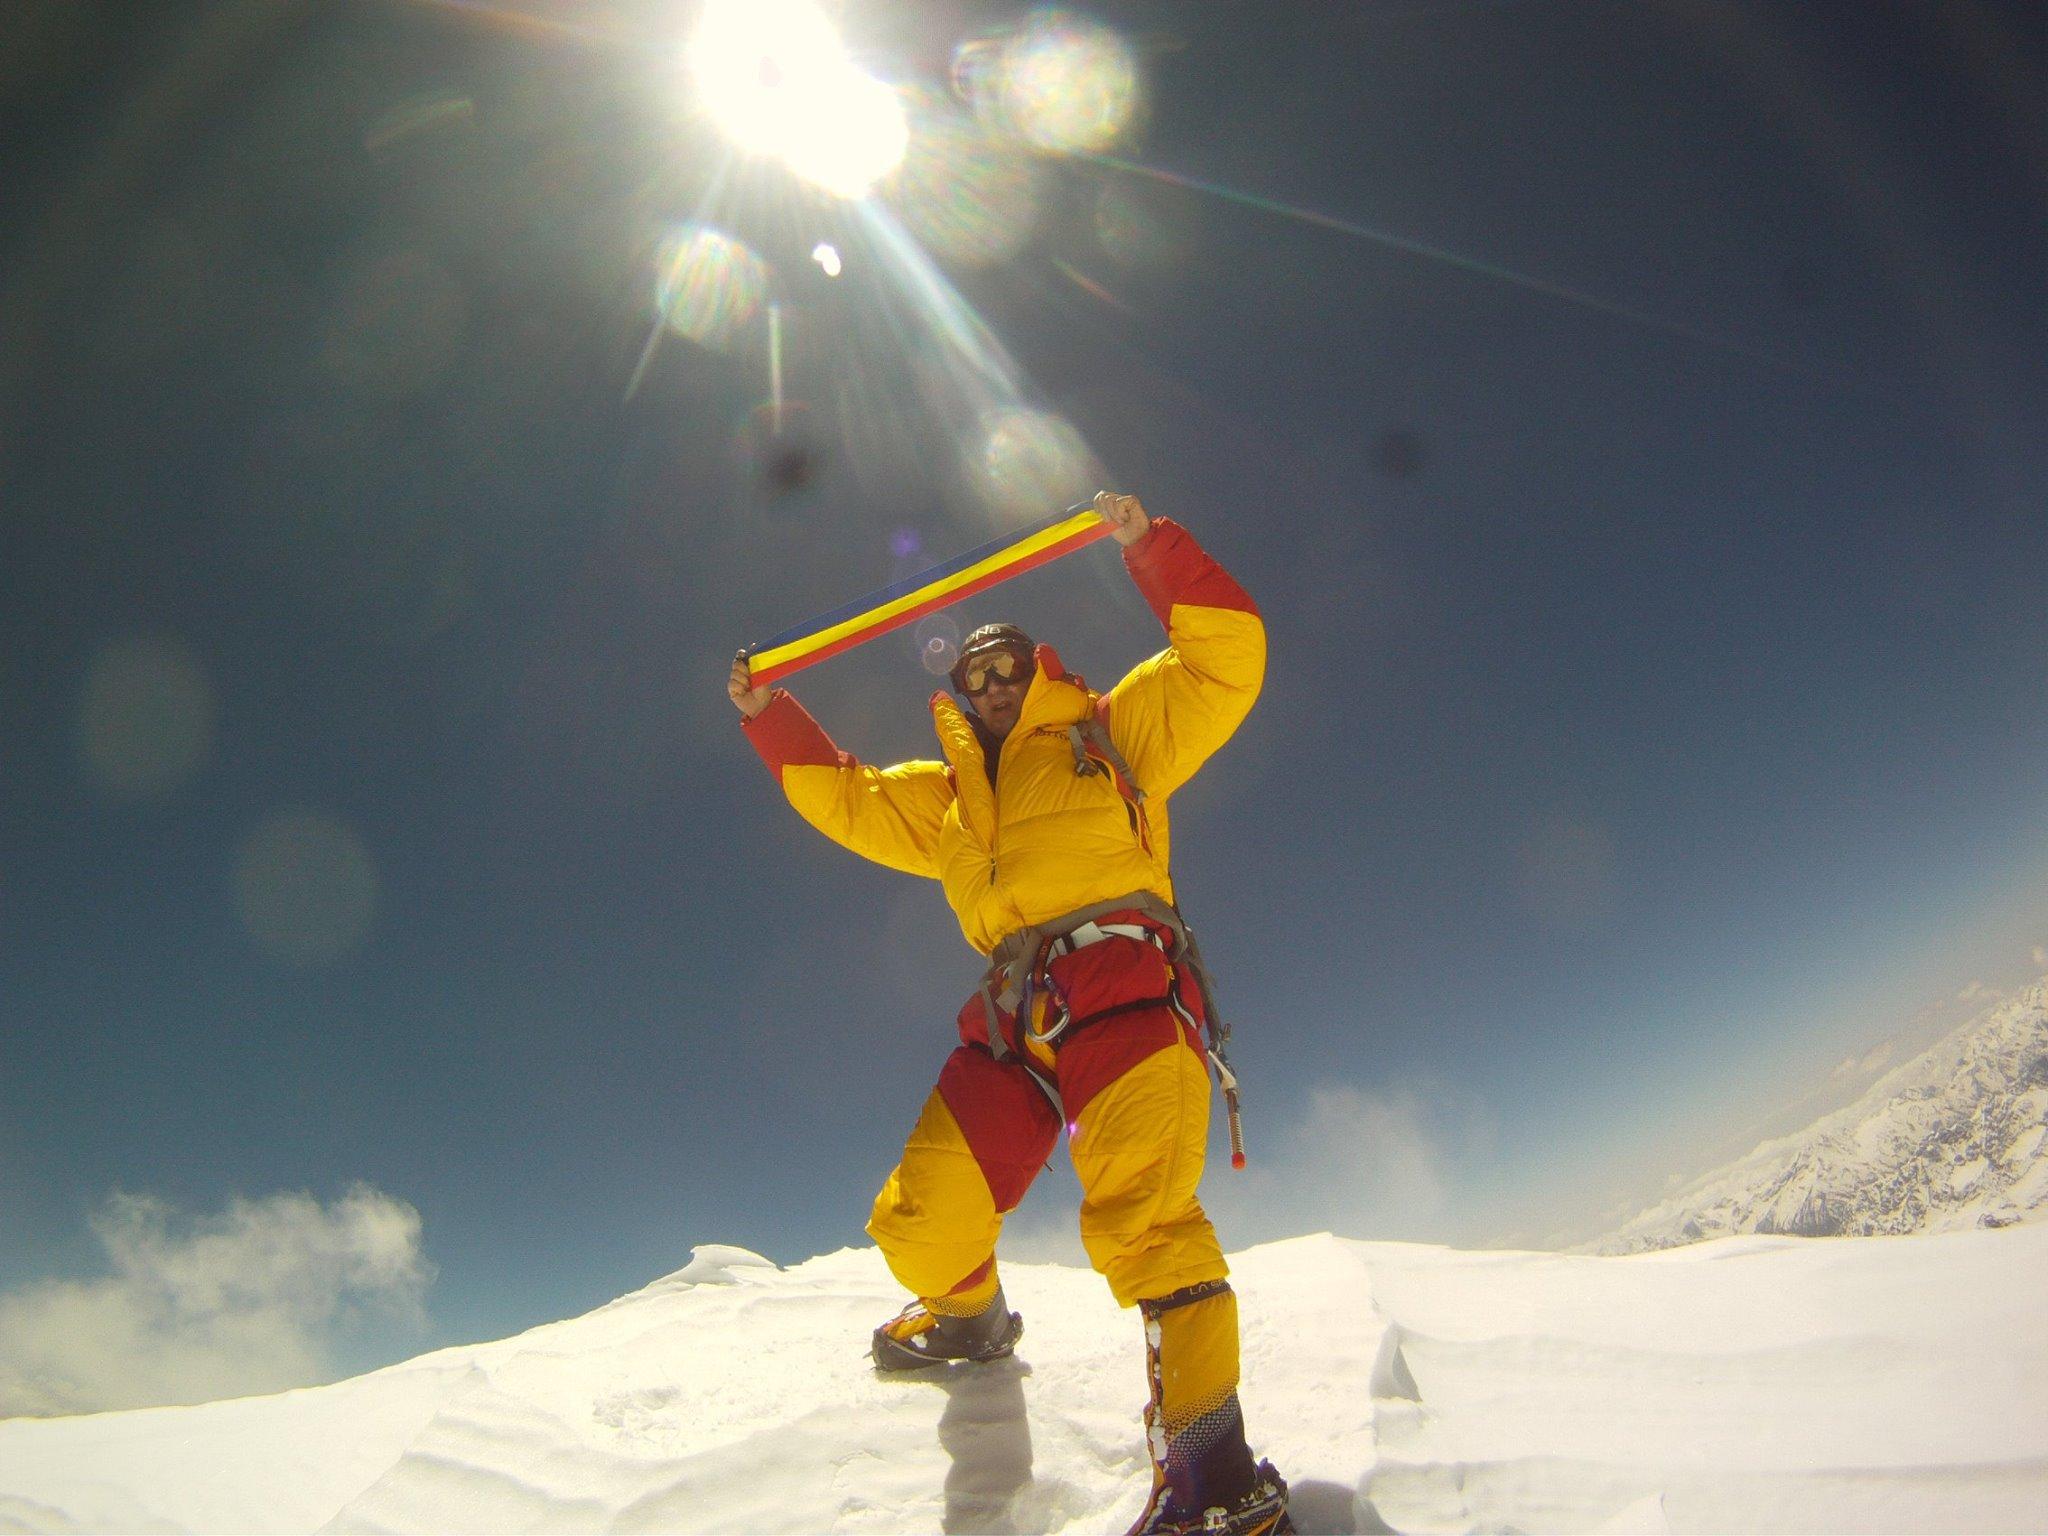 Alpinistul Horia Colibasanu a urcat pe Everest fara oxigen suplimentar si fara serpasi.